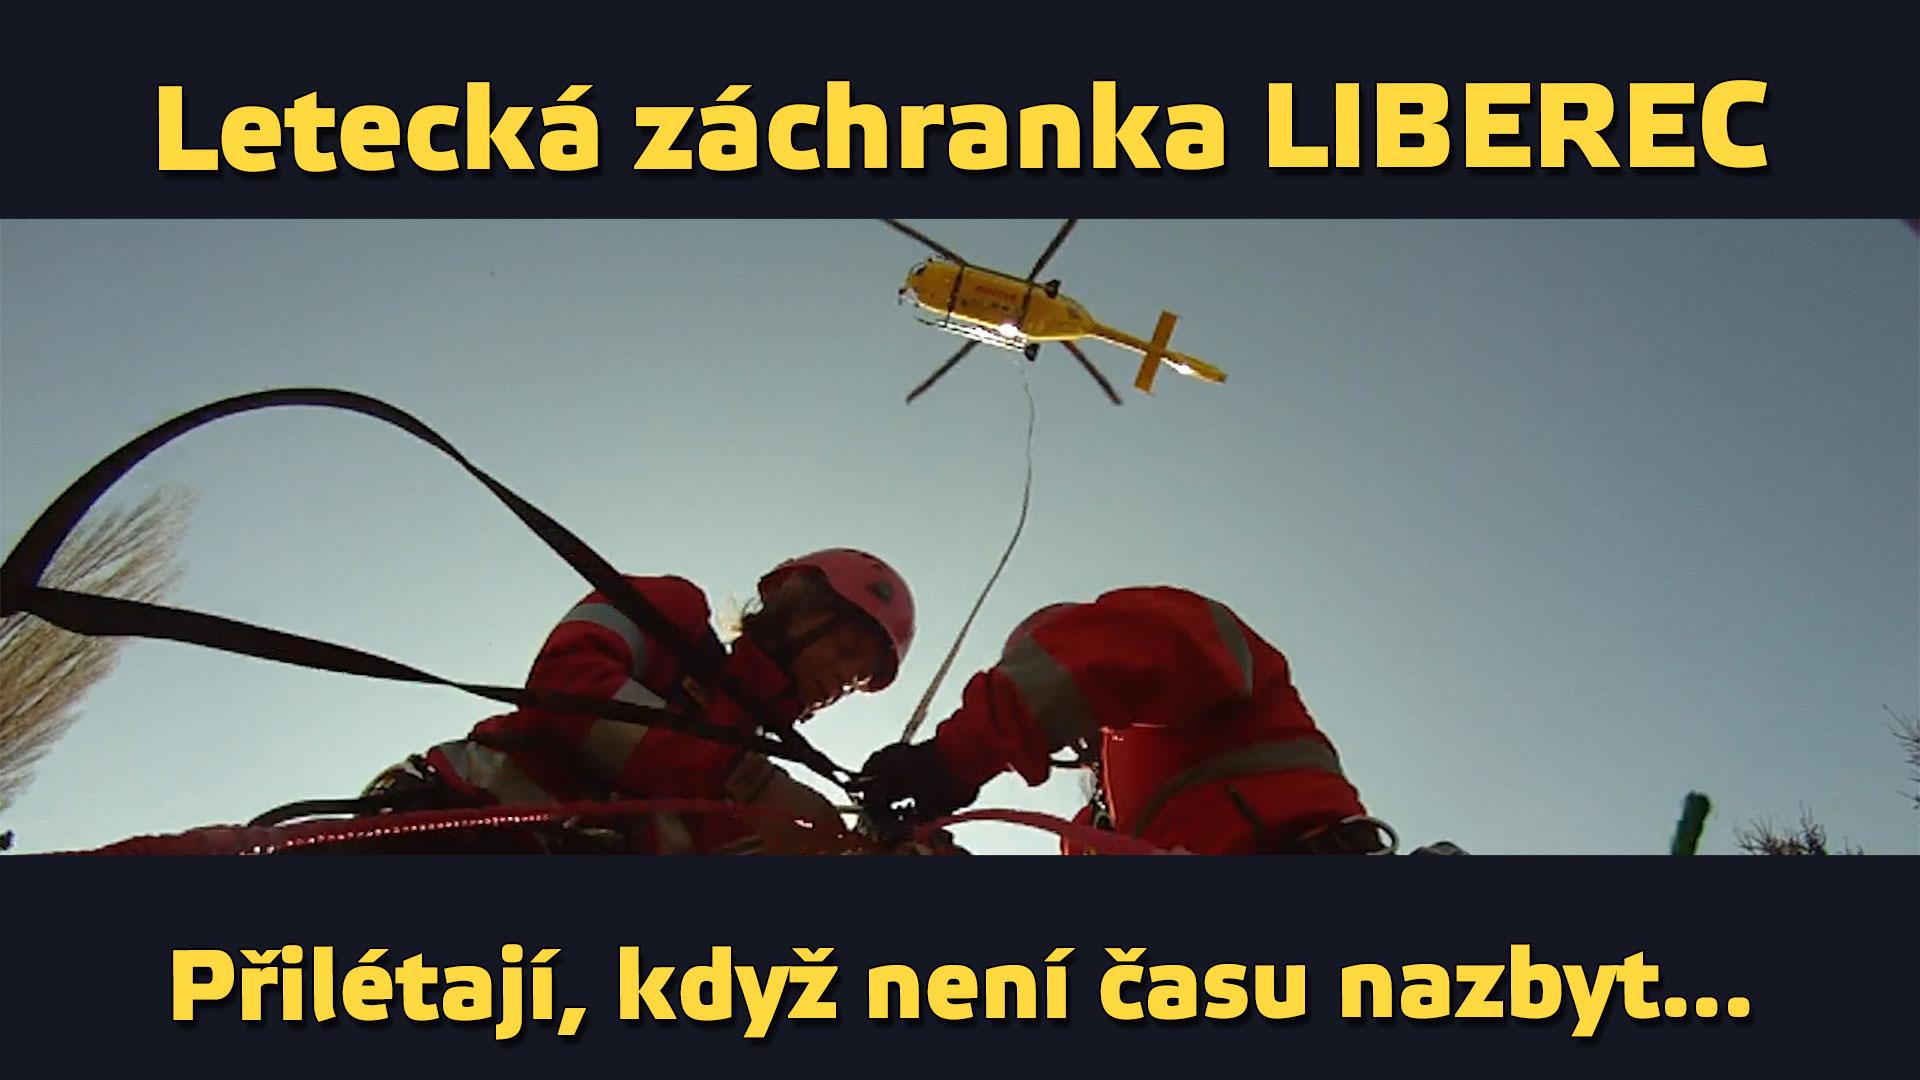 Letecká záchranka (1/4) – Liberec